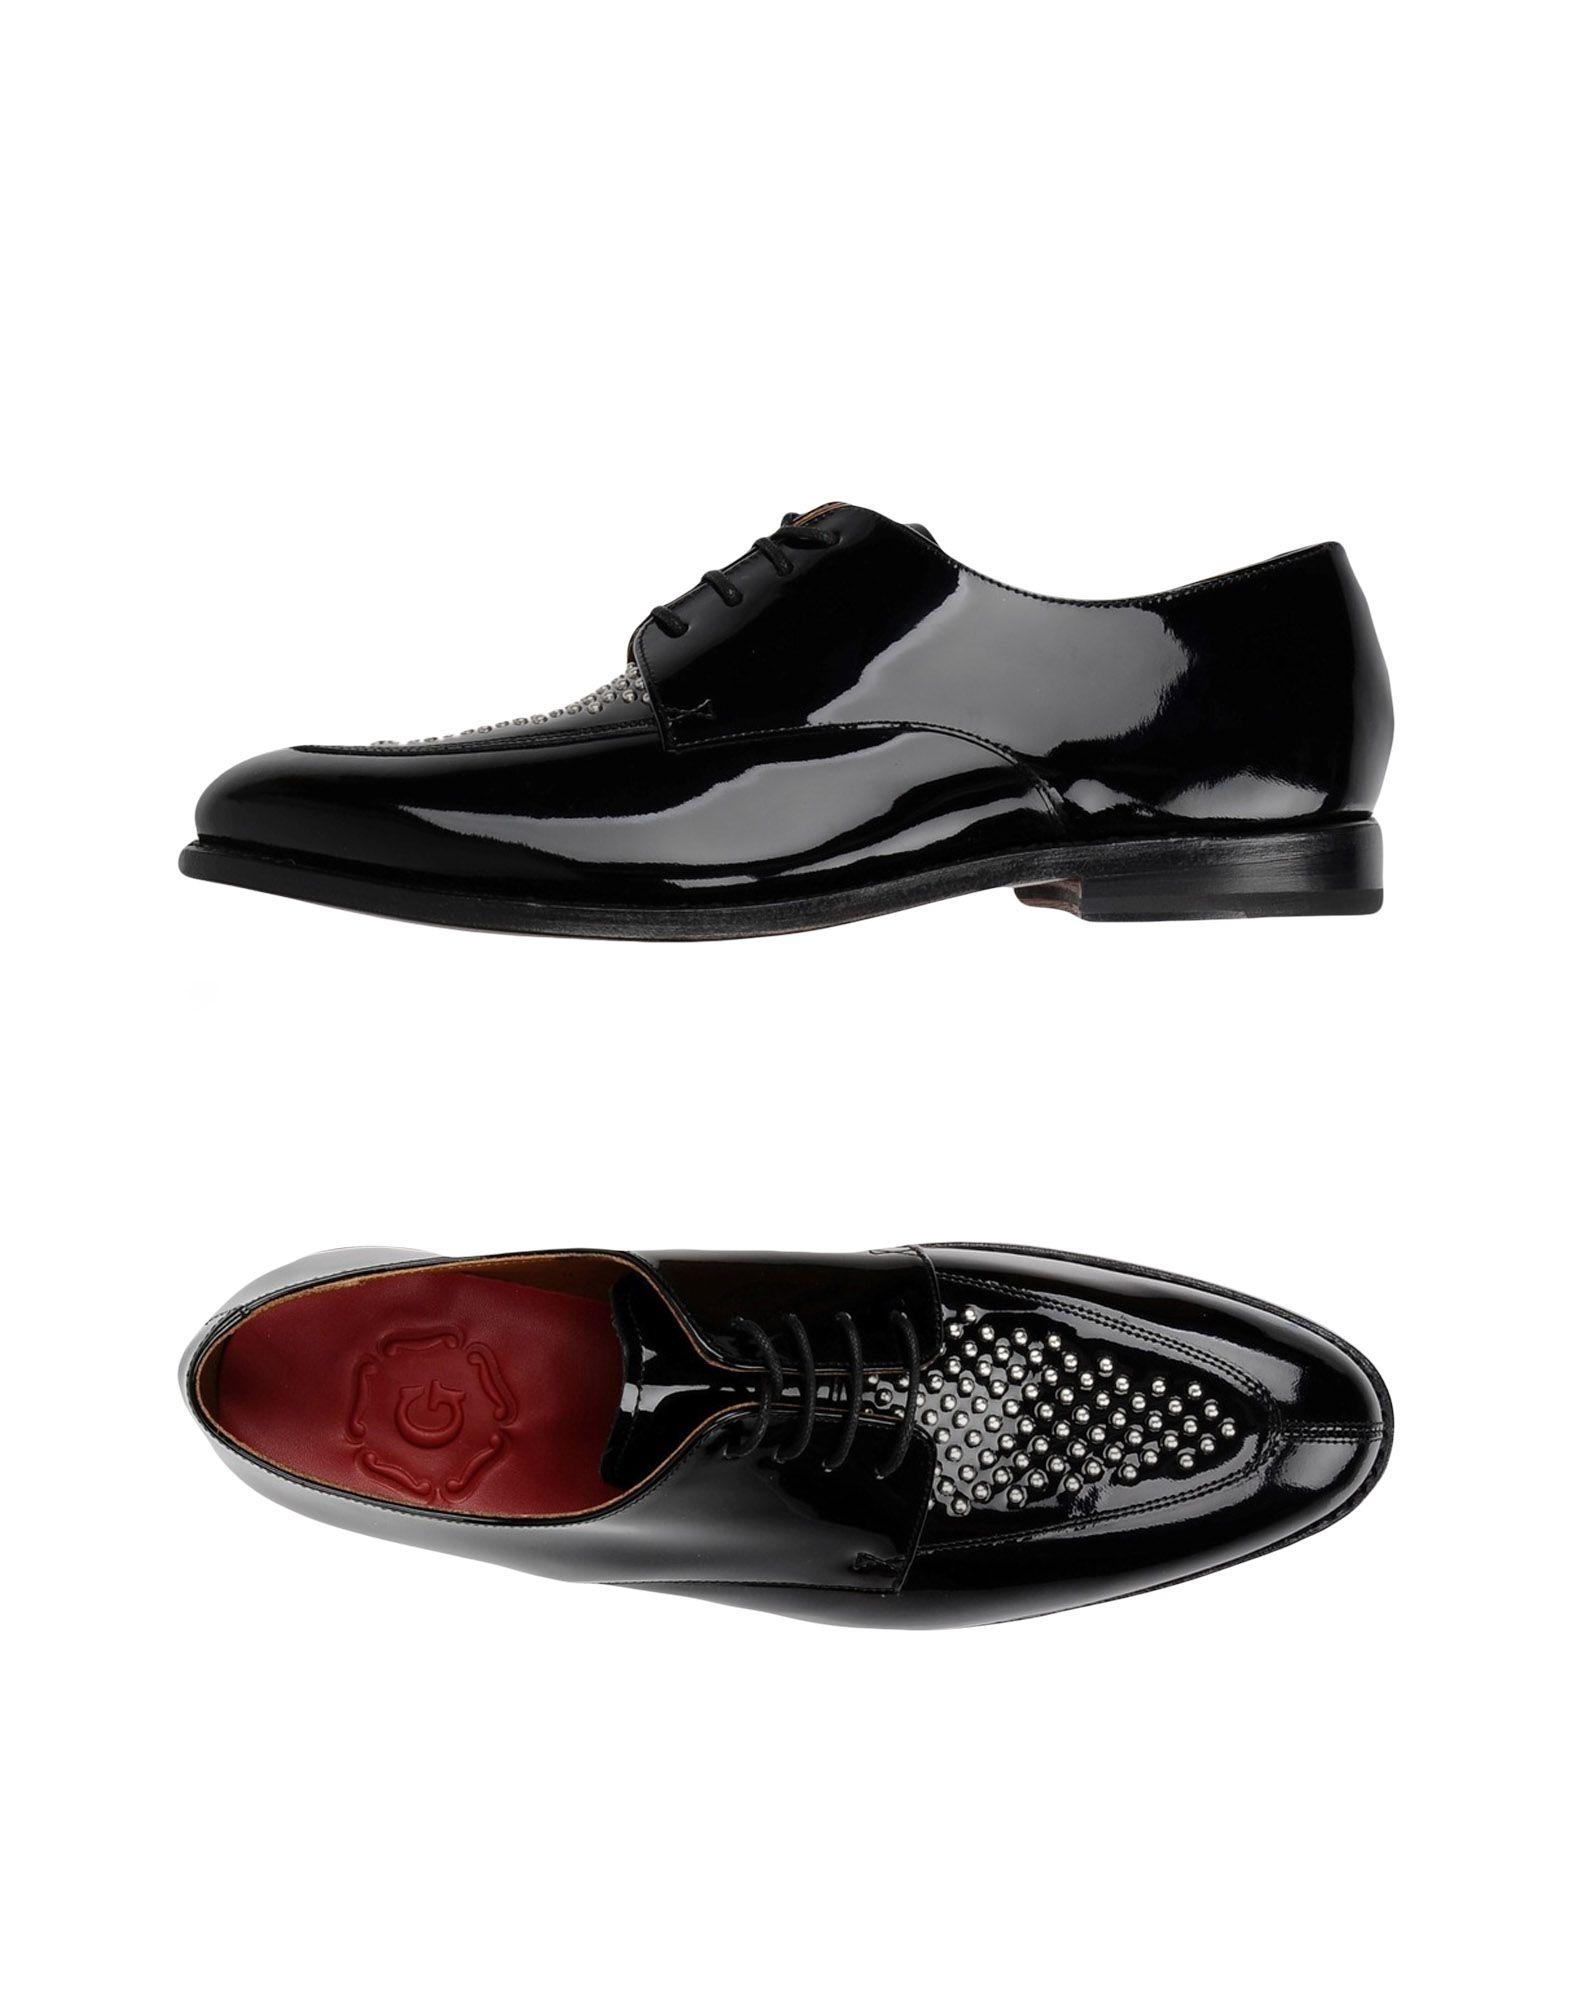 Grenson Heiße Schnürschuhe Damen  11362232JE Heiße Grenson Schuhe b3a25f